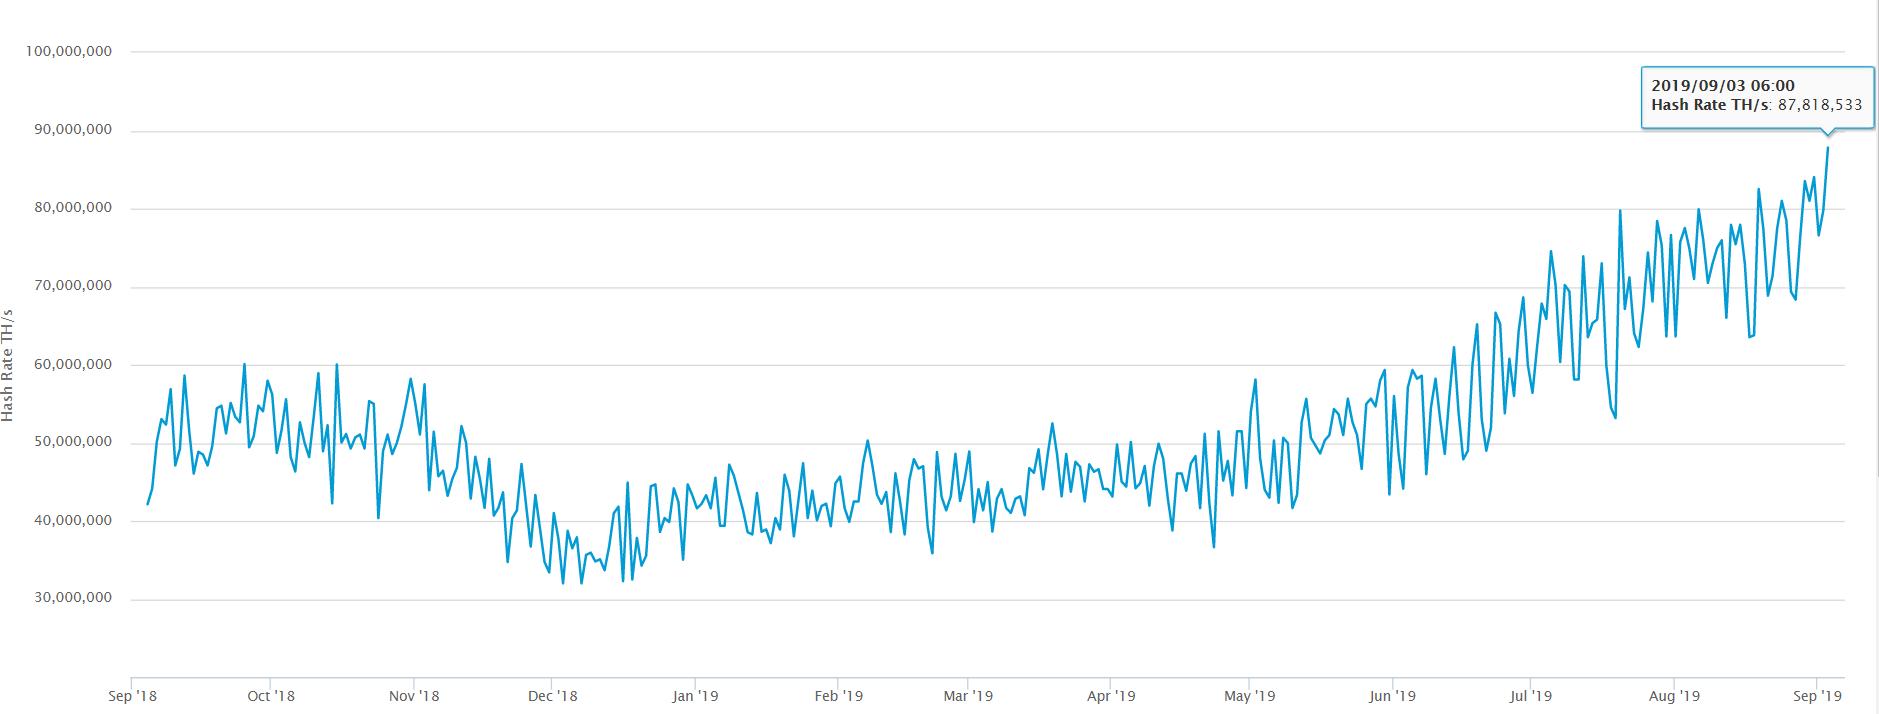 Мнение: курс bitcoin будет следовать за неуклонно растущим хэшрейтом